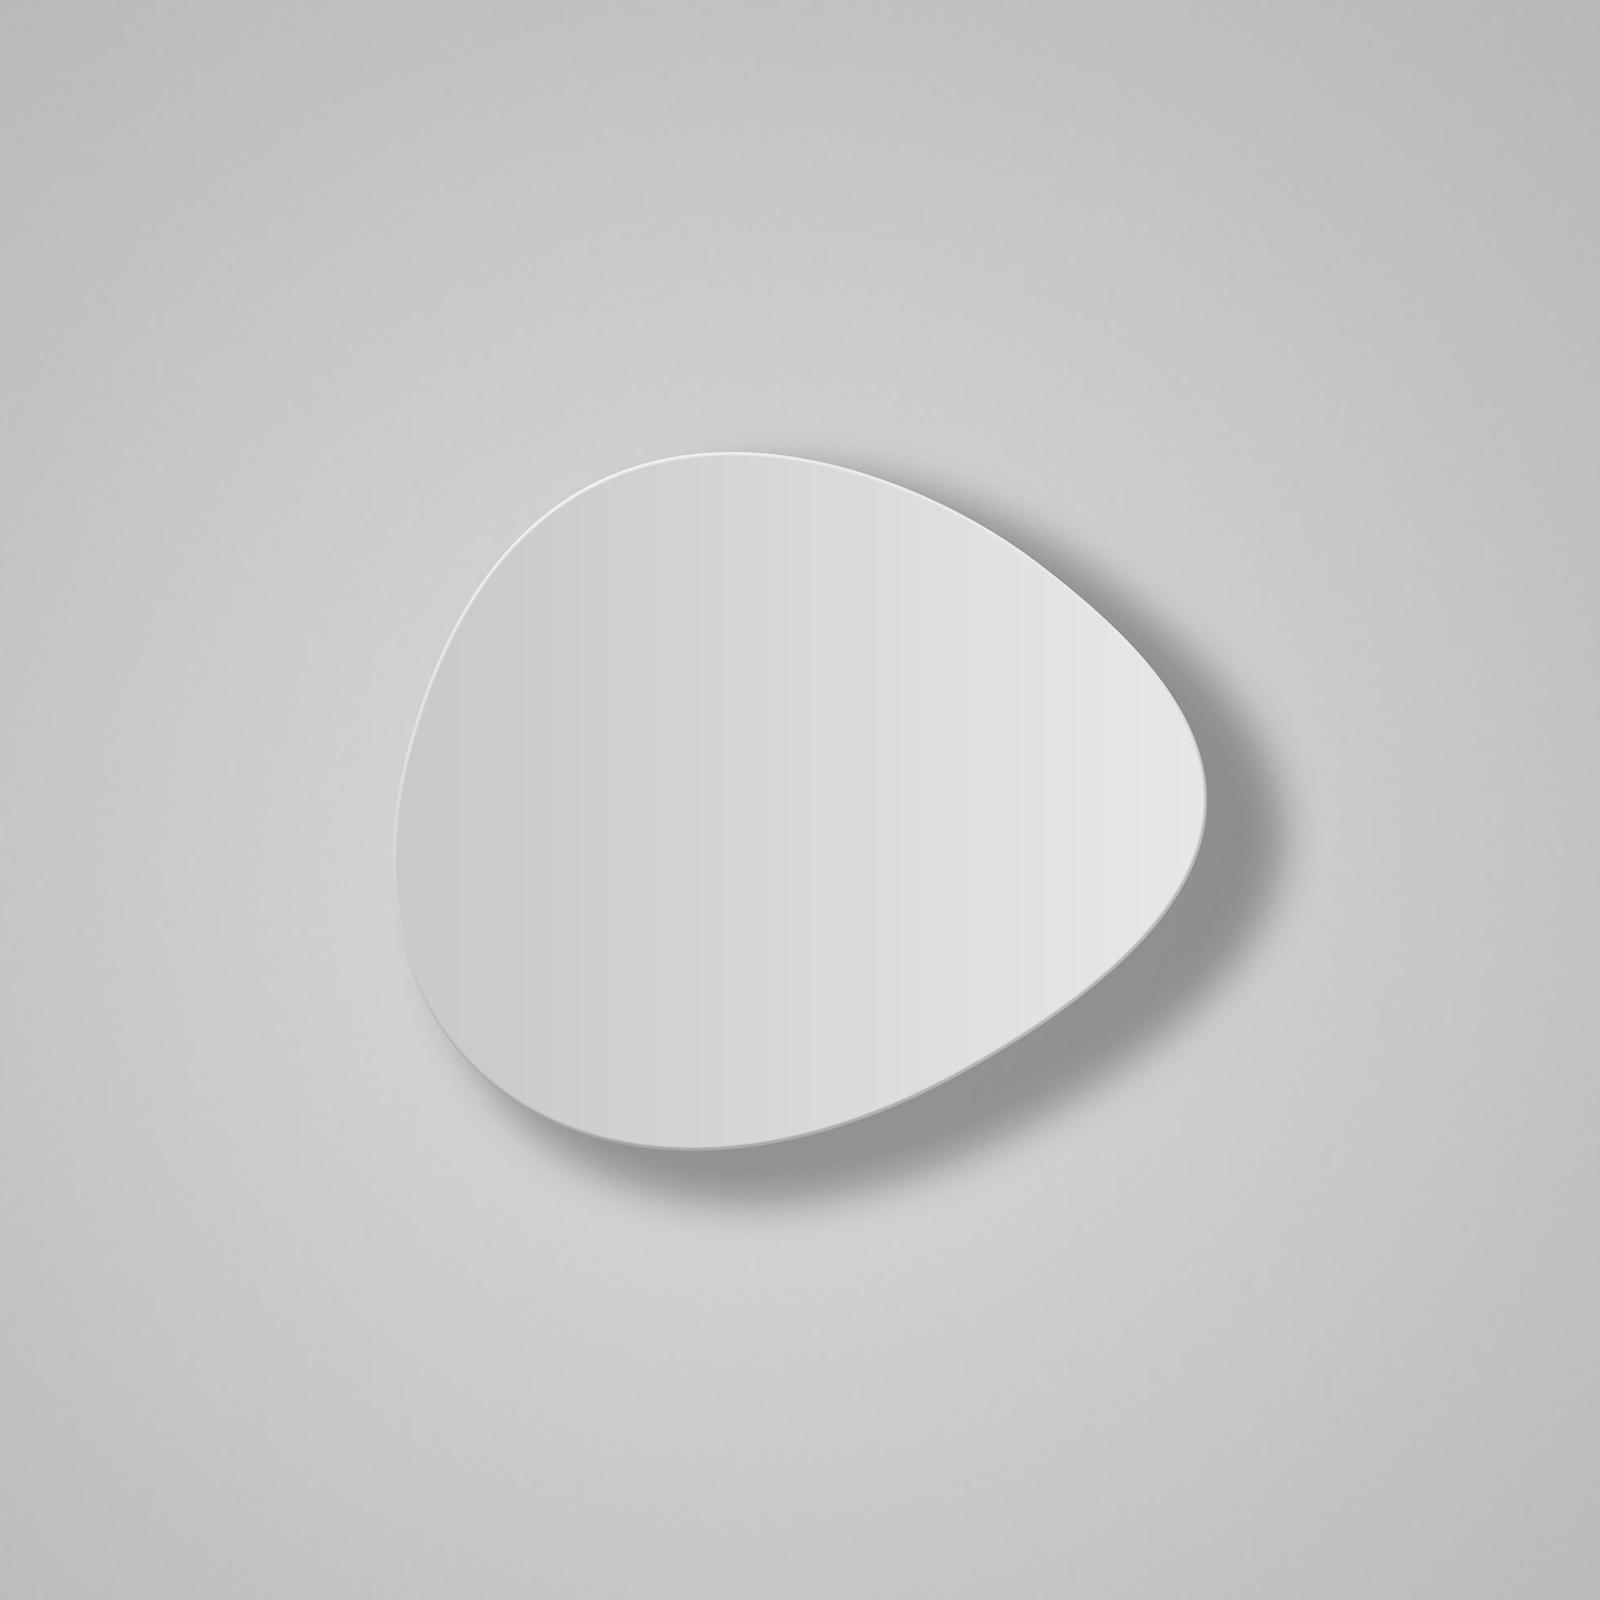 Bover Tria 01 applique LED, blanche, 19cm